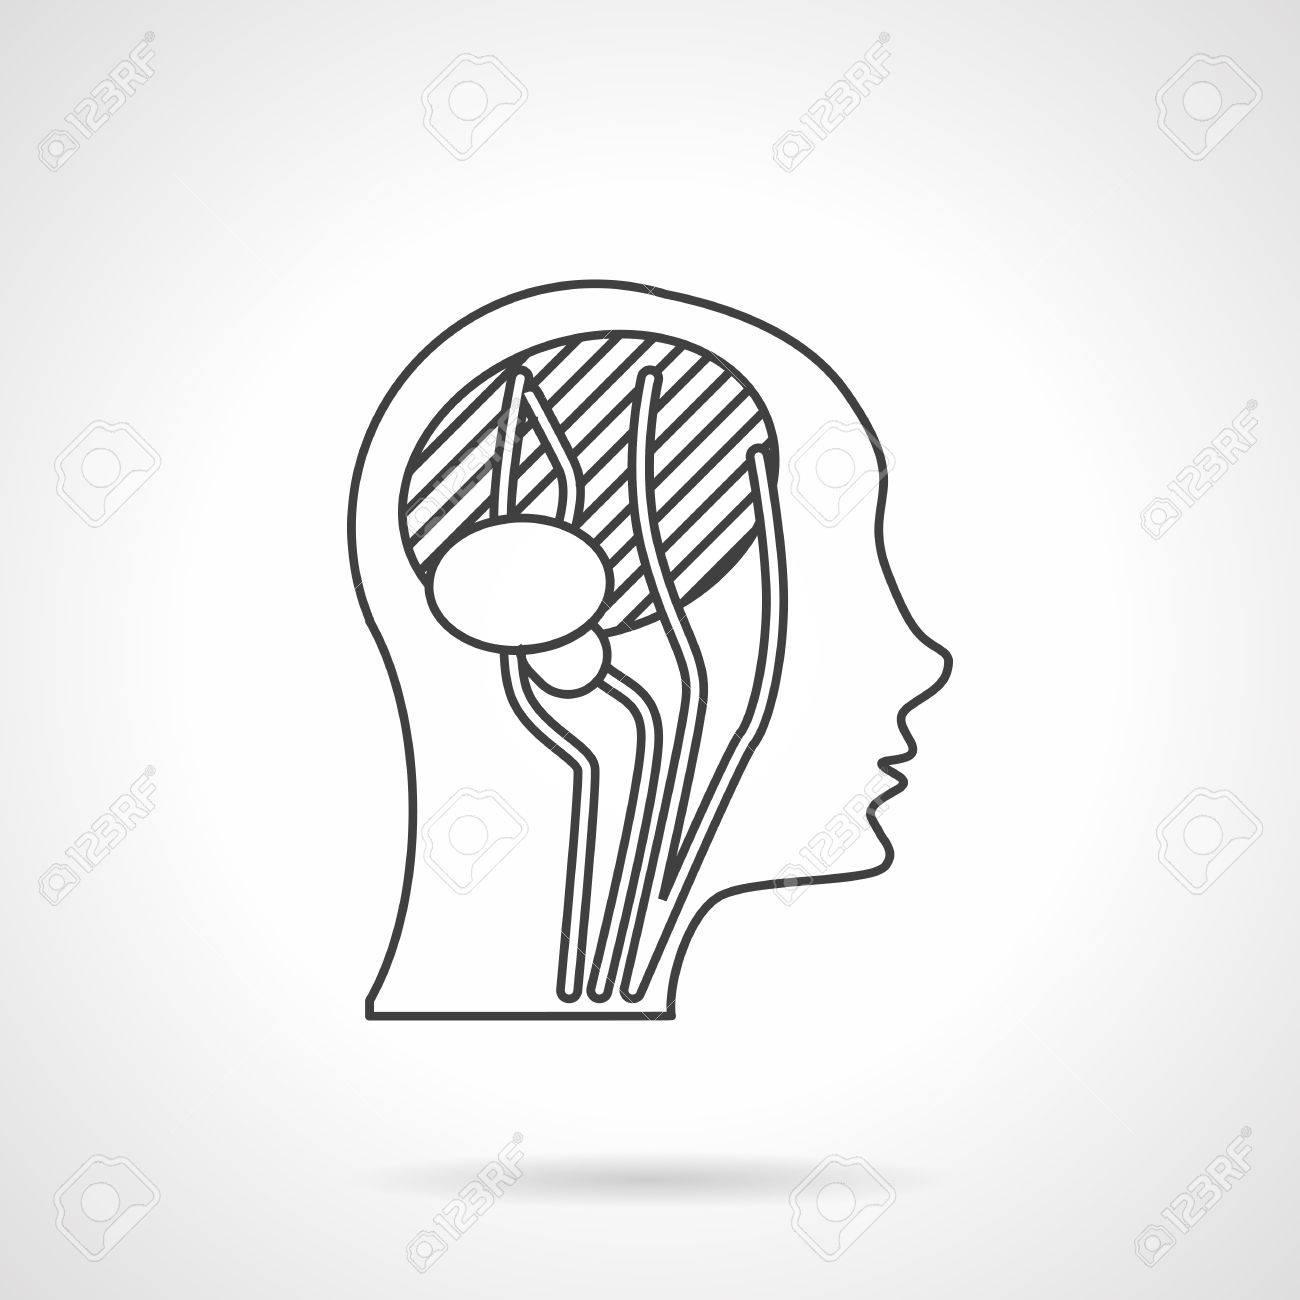 Ausgezeichnet Blutgefäße Im Kopf Bilder - Menschliche Anatomie ...